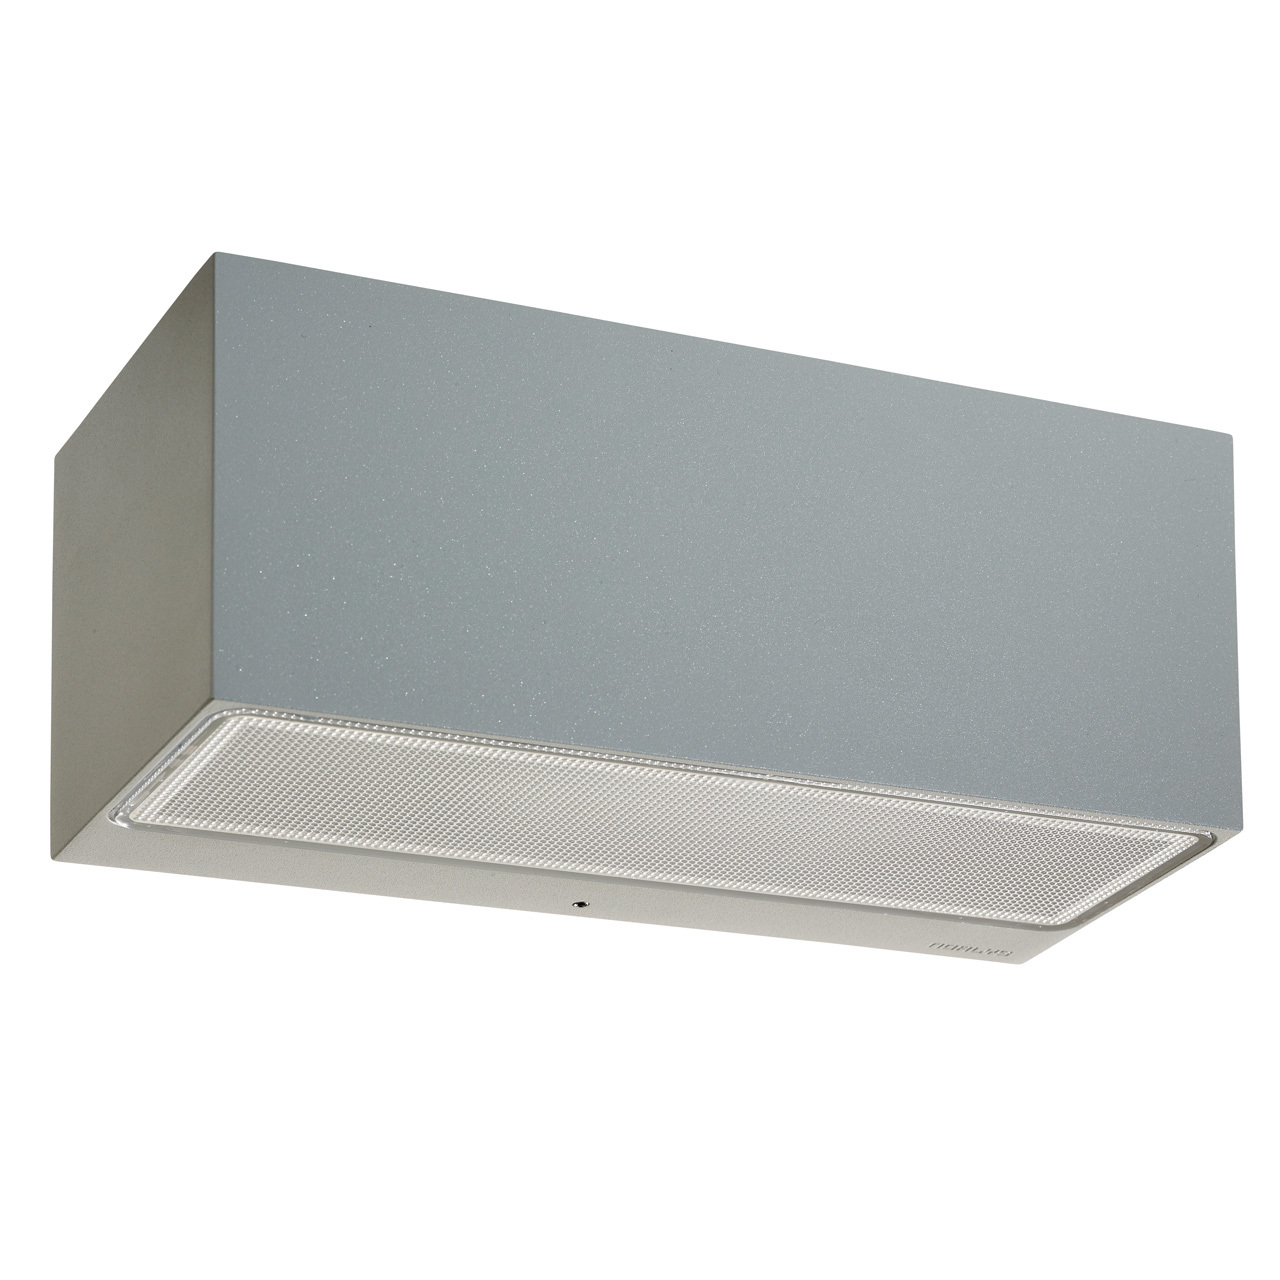 Lampa ścienna ASKER LED 1510AL -Norlys  SPRAWDŹ RABATY  5-10-15-20 % w koszyku